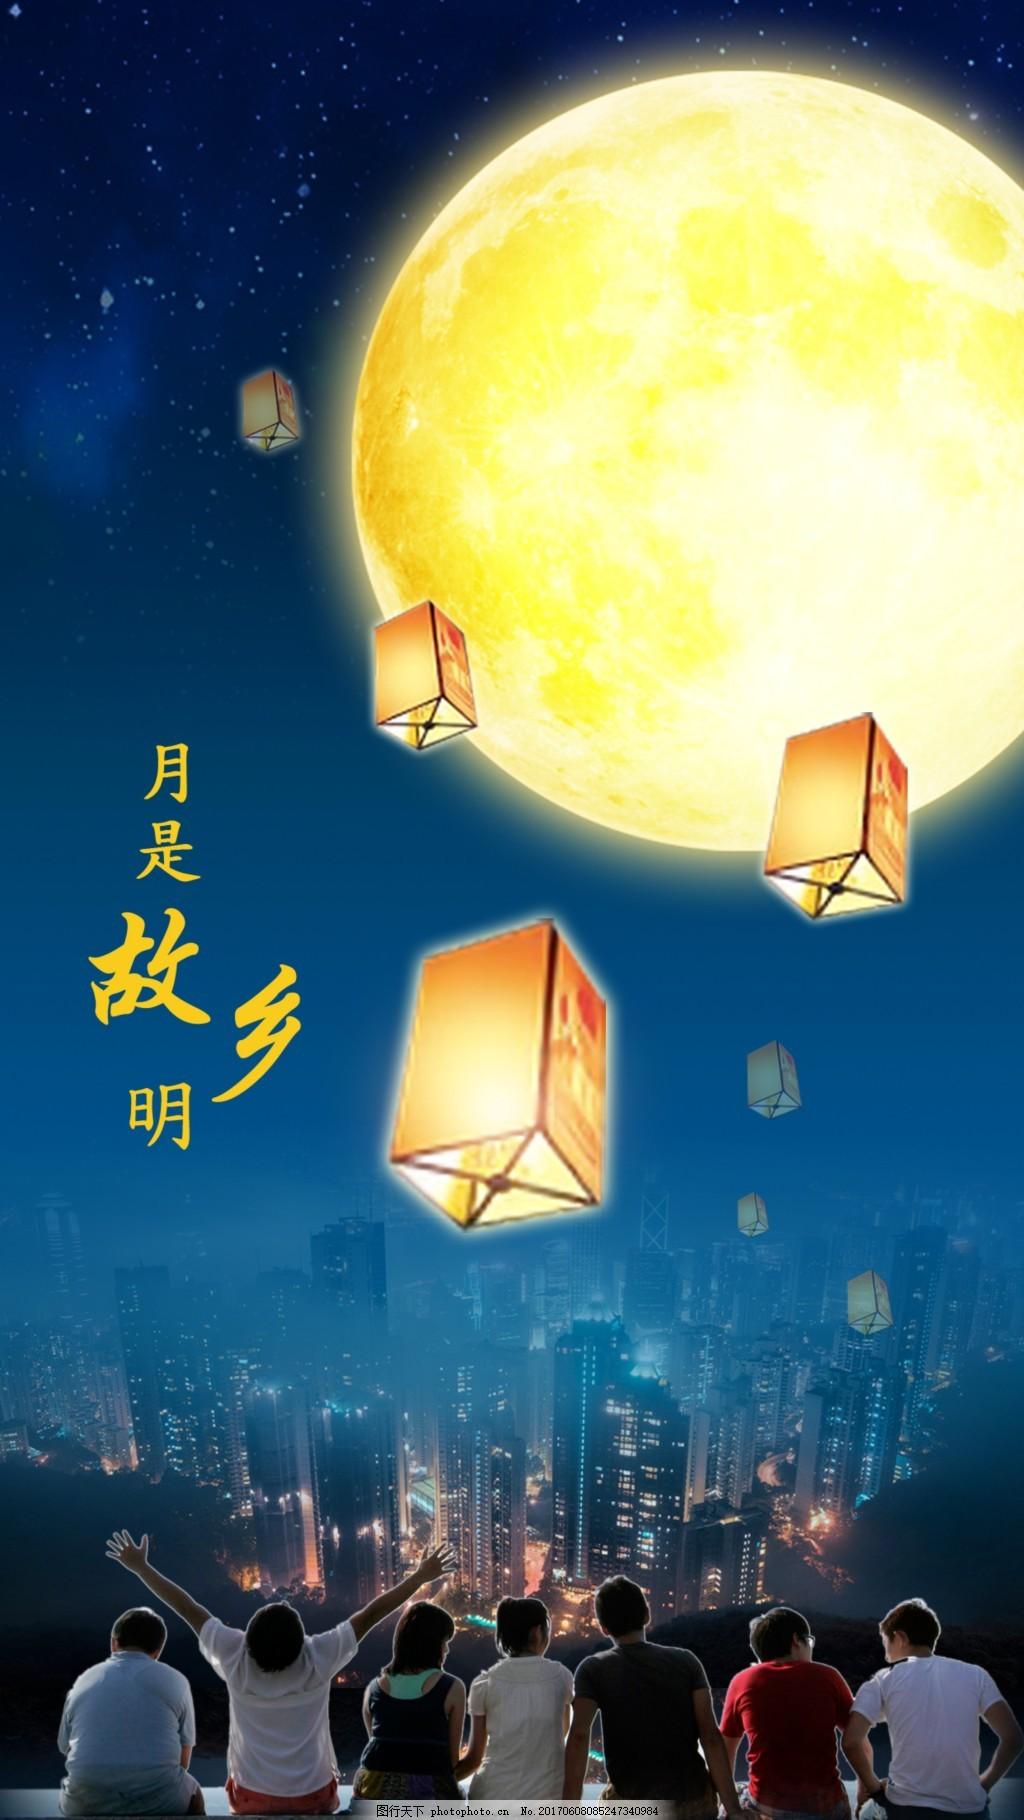 中秋节海报 月亮 中秋背景 月是故乡明 星空 背影 孔明灯 夜晚图片